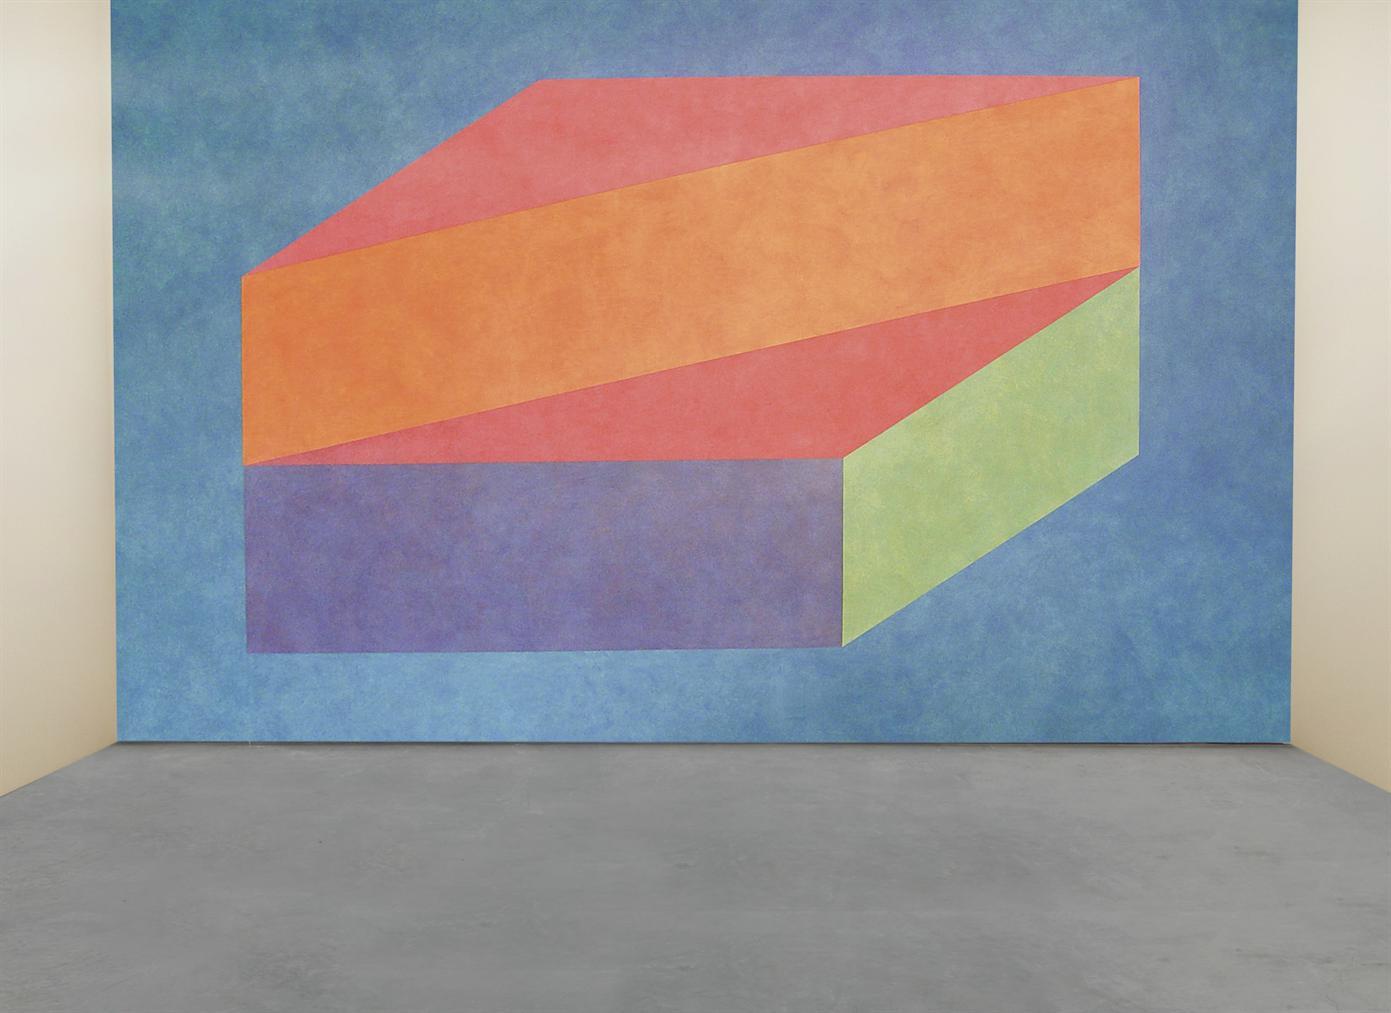 Sol LeWitt-Wall Drawing #606 K-2000